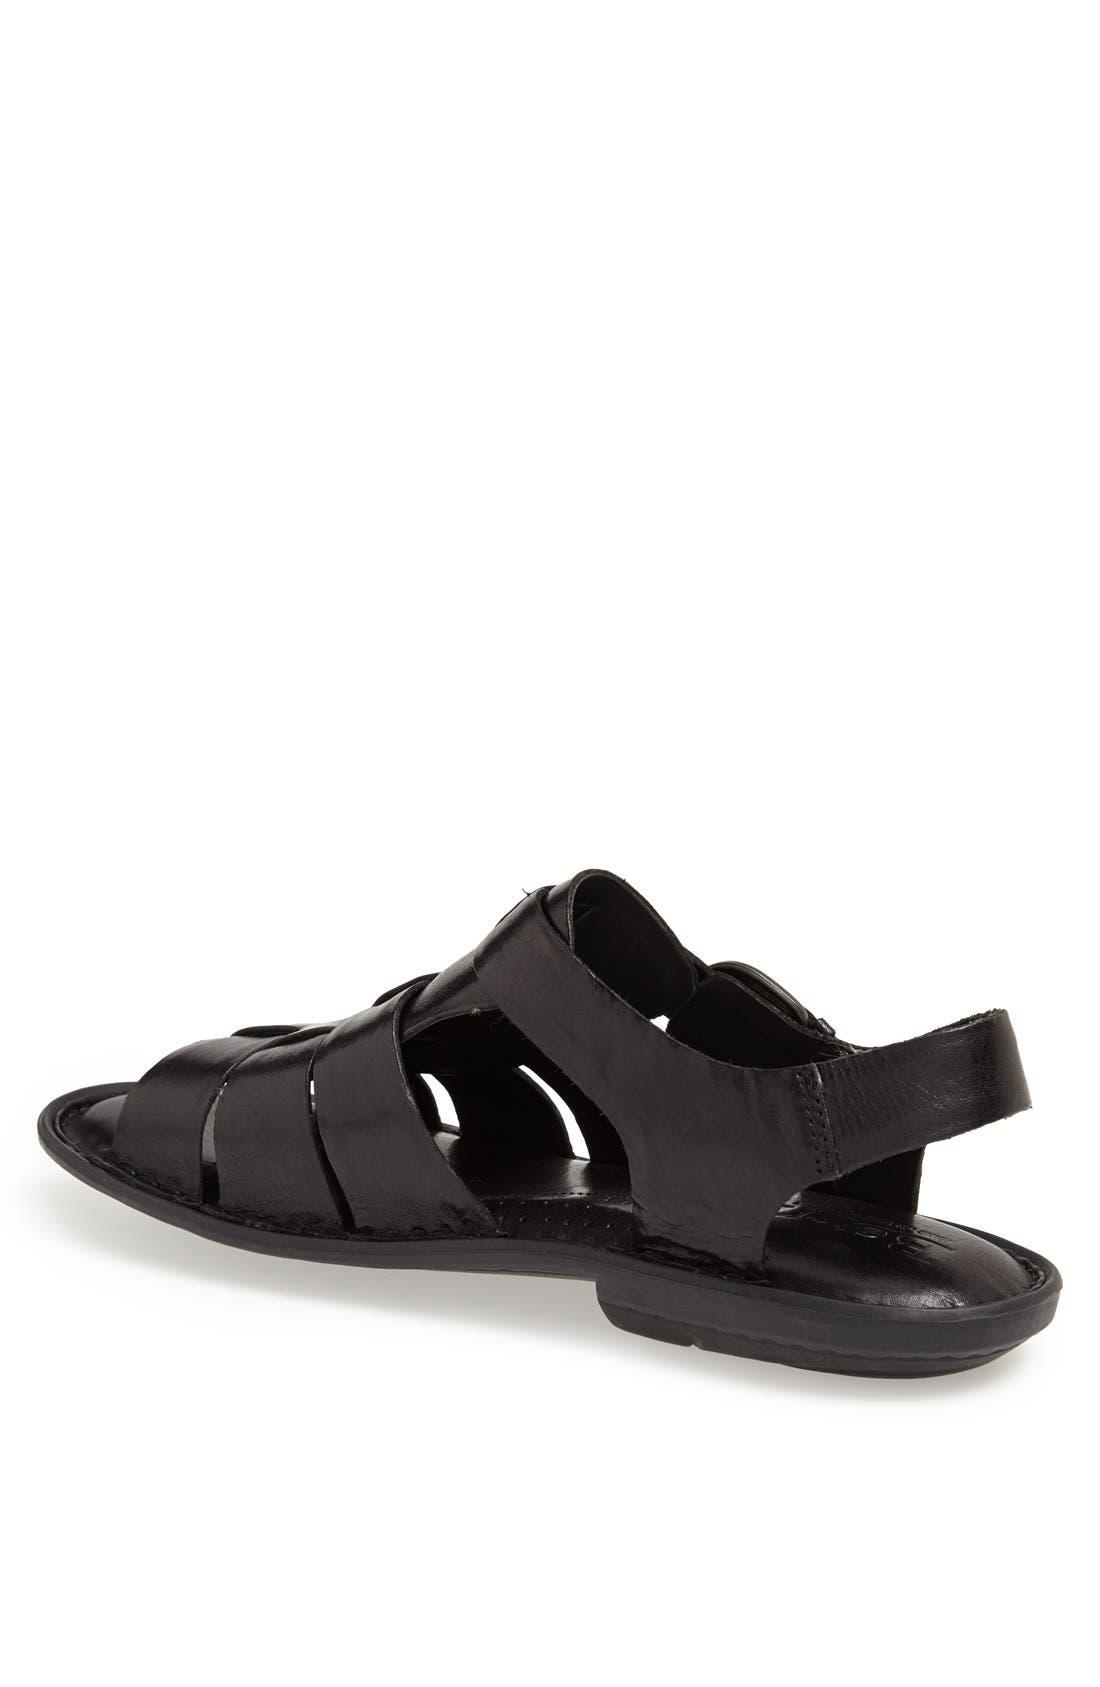 Alternate Image 2  - Børn 'Chamberlain' Sandal   (Men)